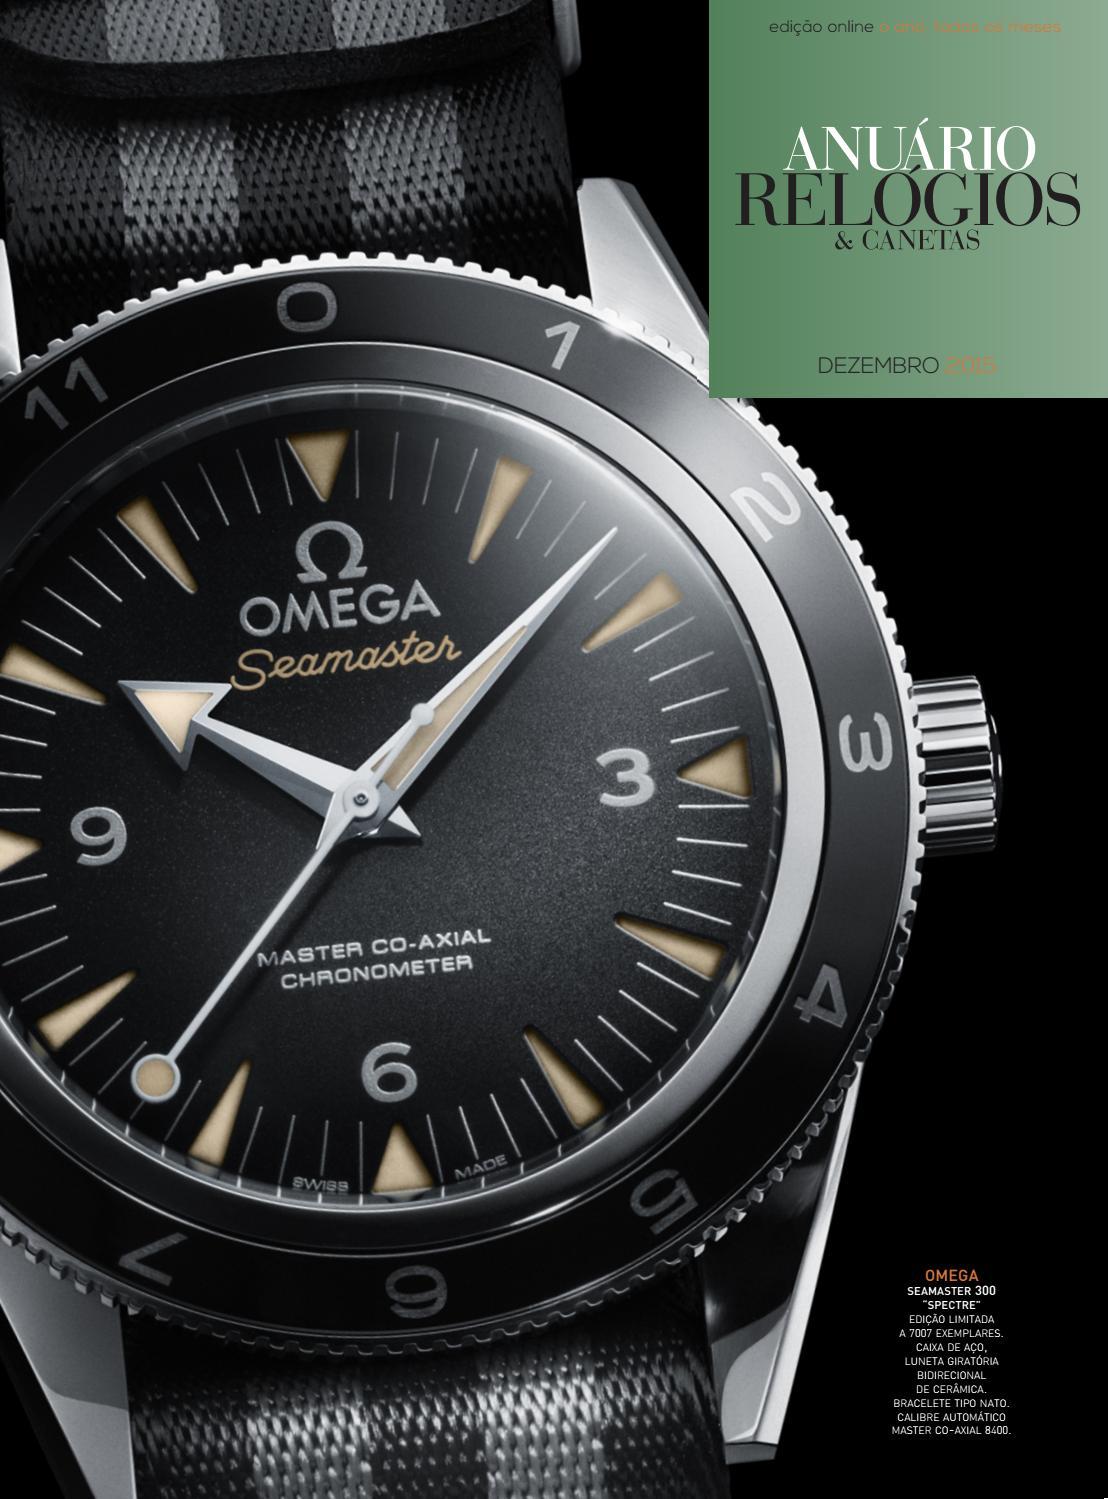 5ab6e0aab66 Anuário Relógios   Canetas - Dezembro 2015 by Anuário Relógios   Canetas -  issuu